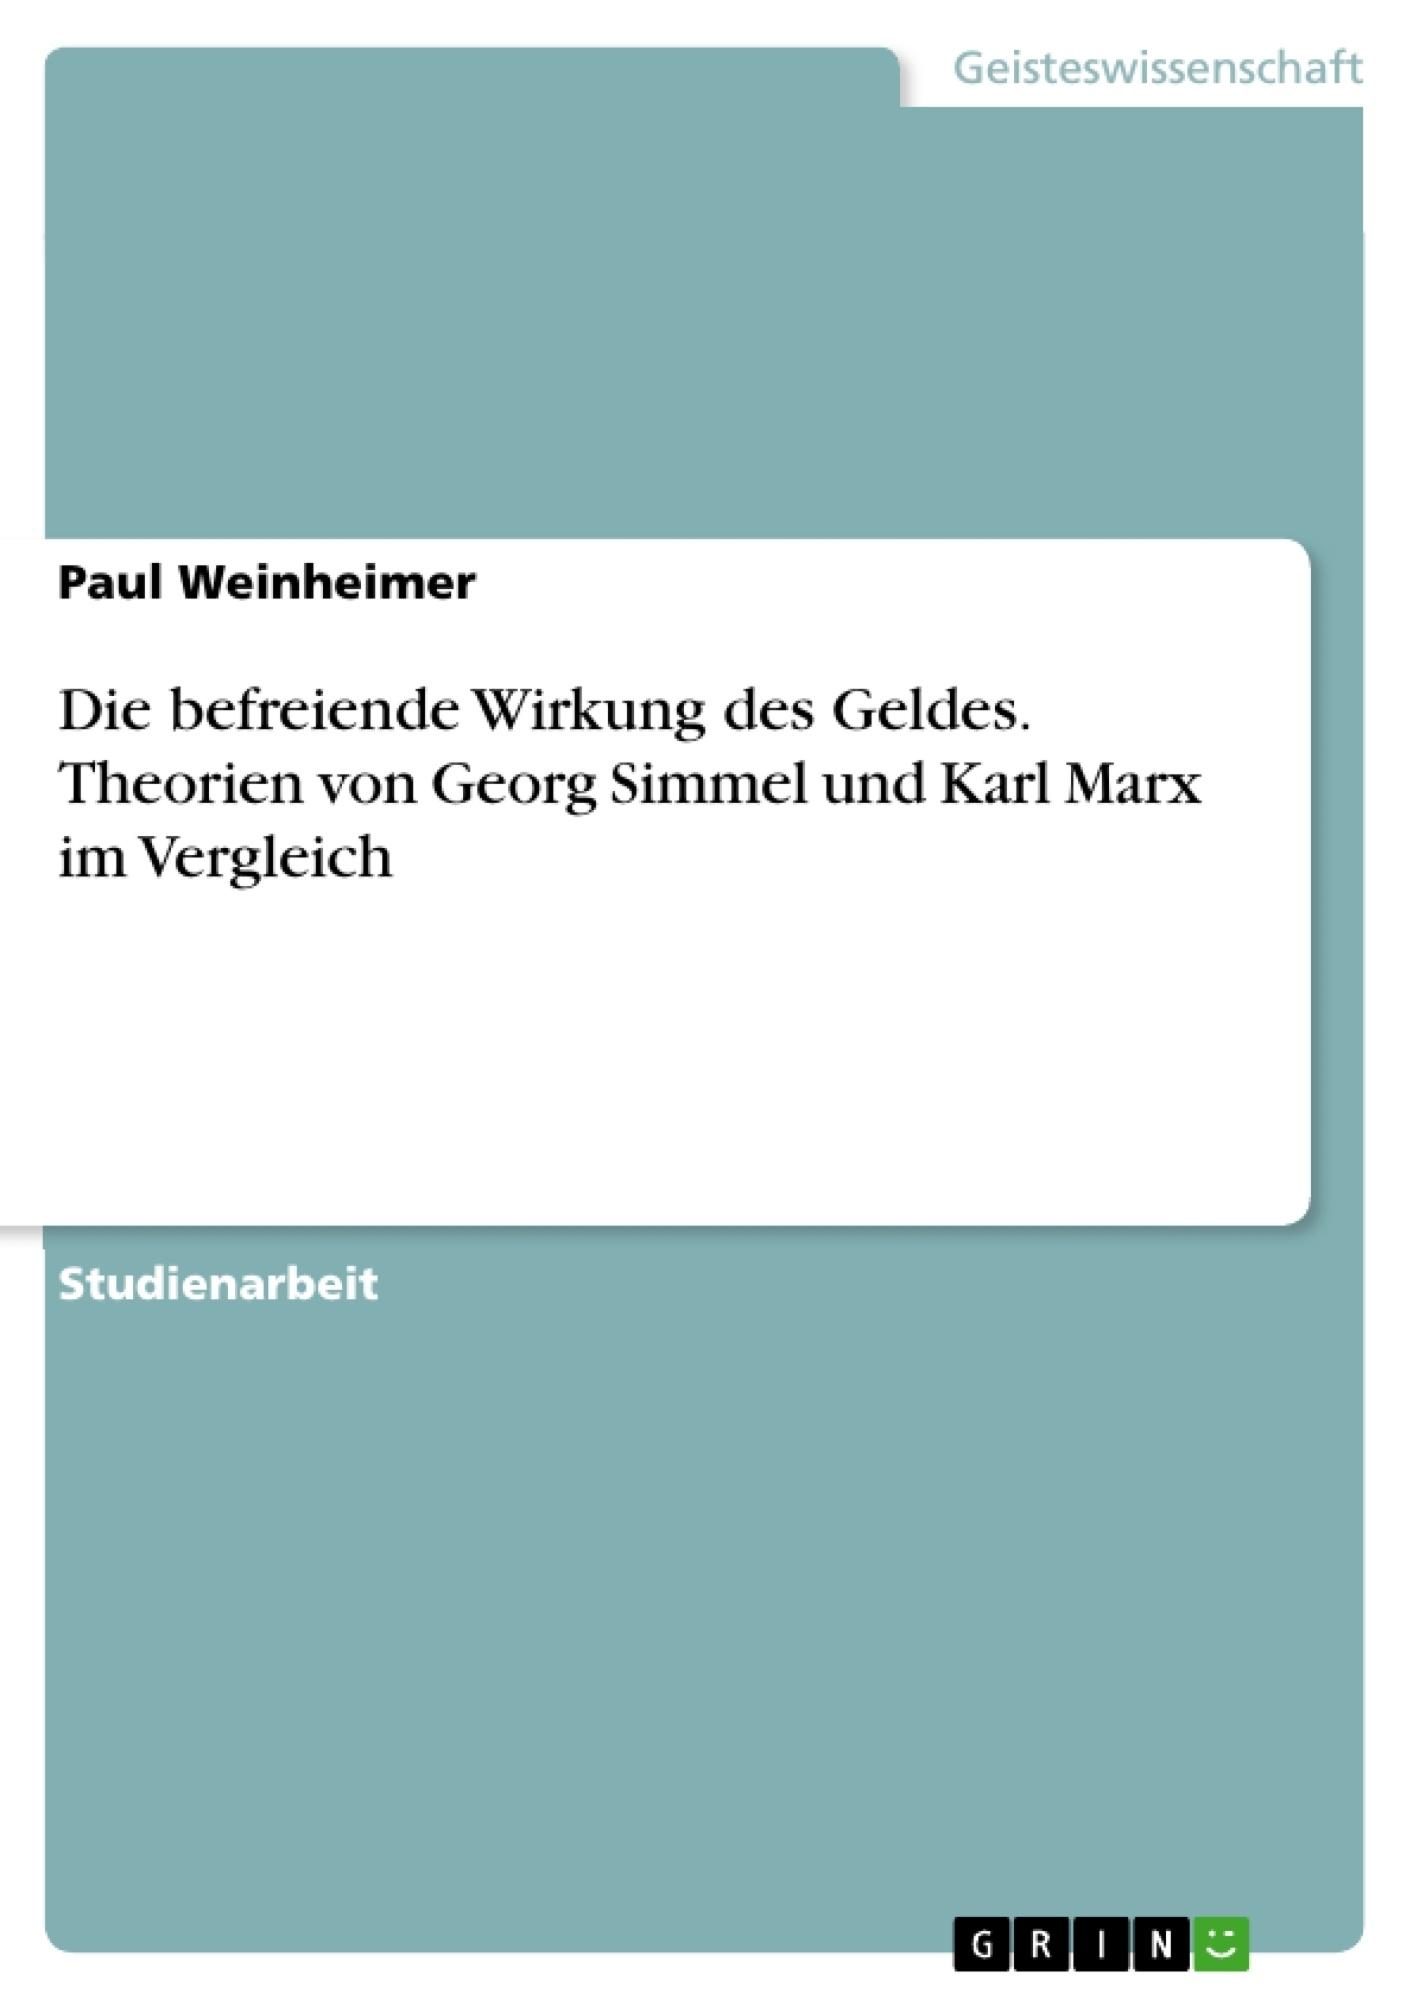 Titel: Die befreiende Wirkung des Geldes. Theorien von Georg Simmel und Karl Marx im Vergleich